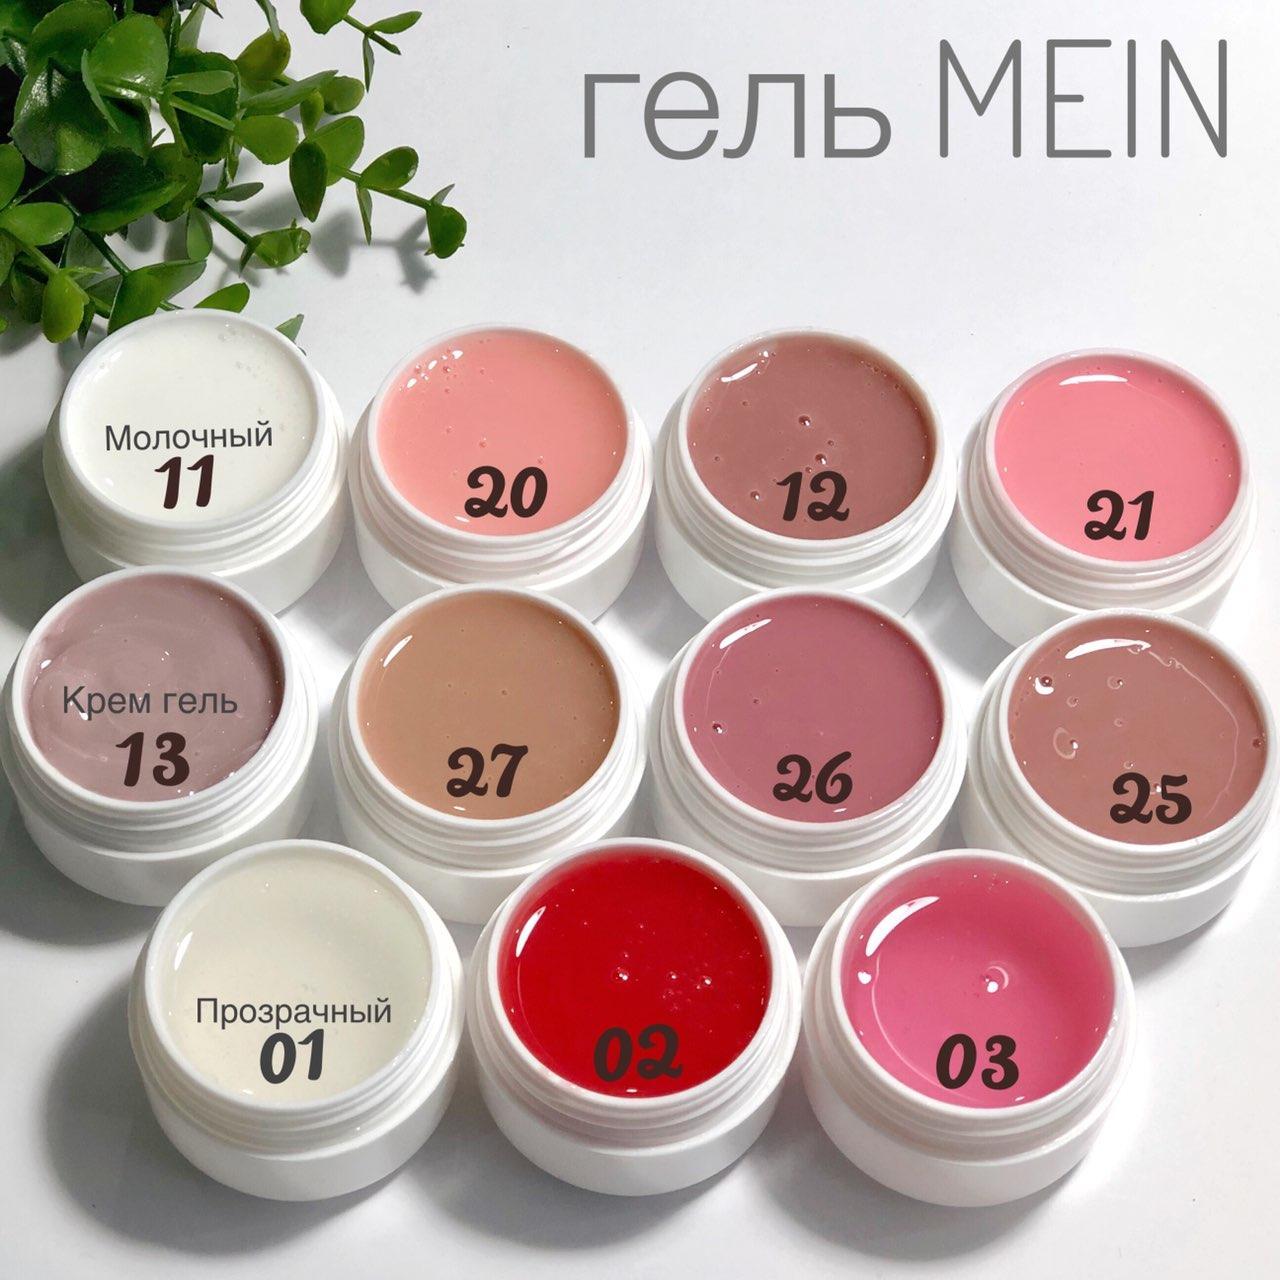 Гель для ногтей Нежно Розовый MEIN  № 20, 1кг